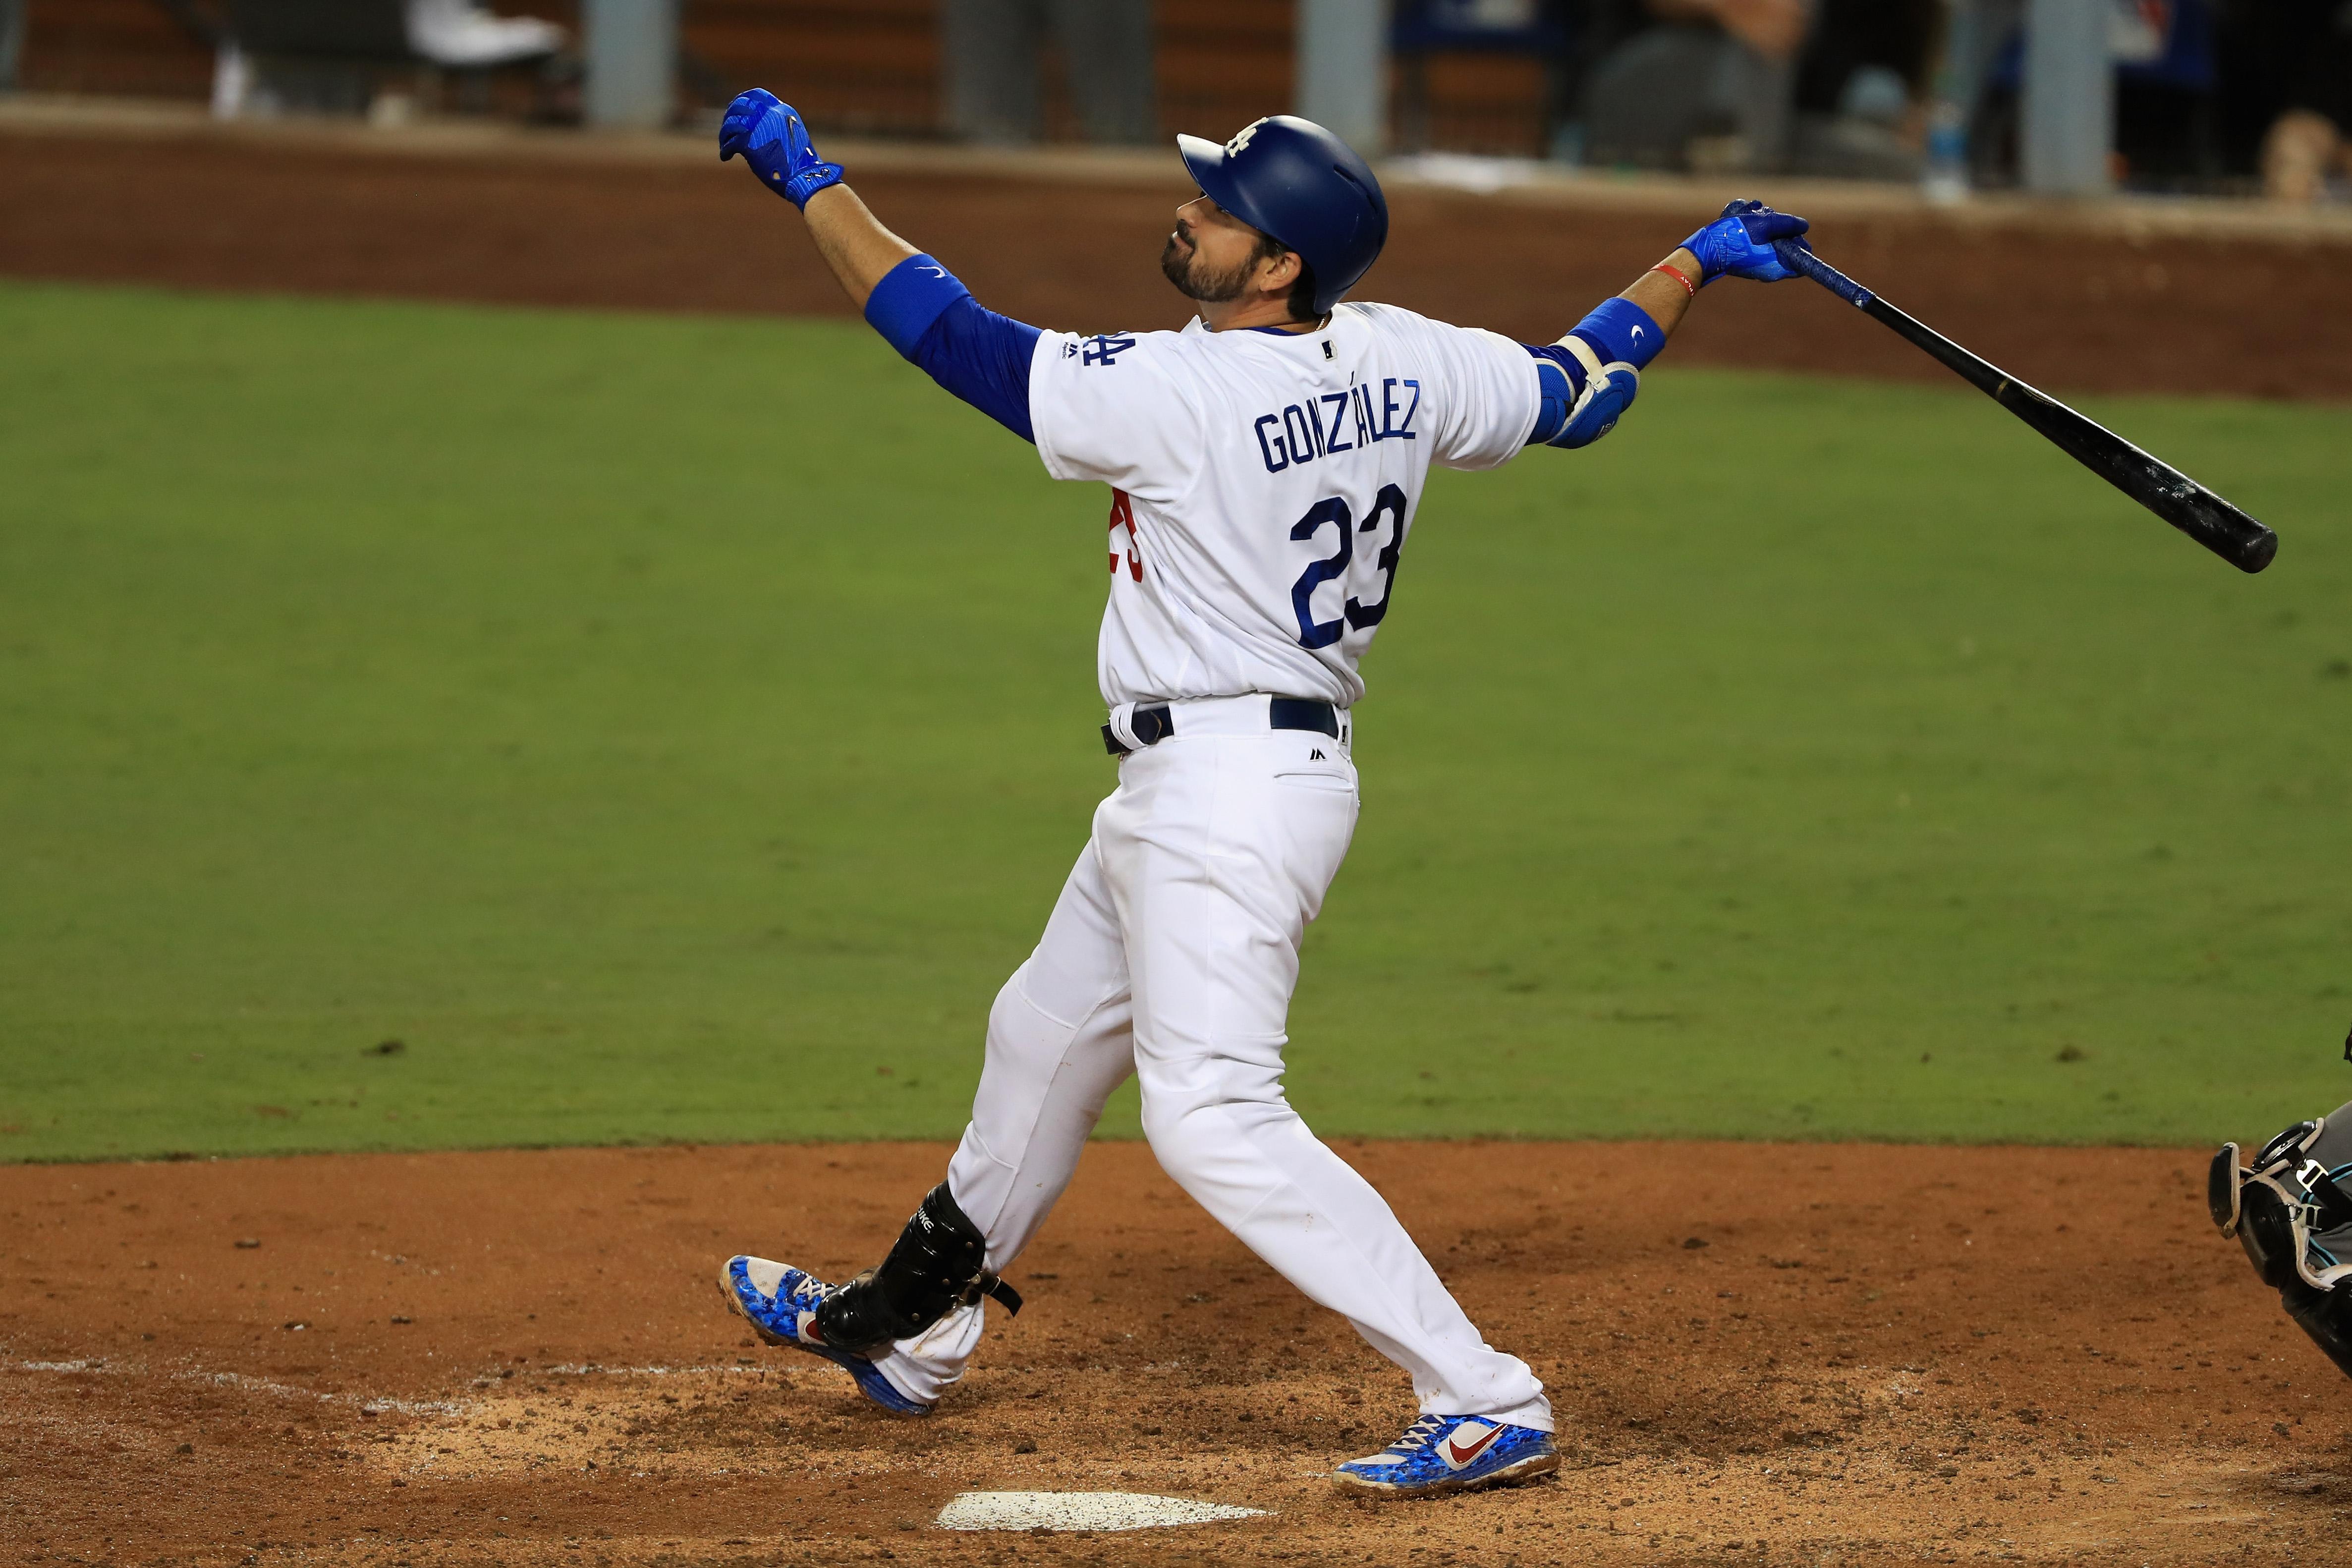 Adrián González Dodgers Mets Braves Titán González mexicanos en las grandes ligas mlb adrián titán gonzález bravos